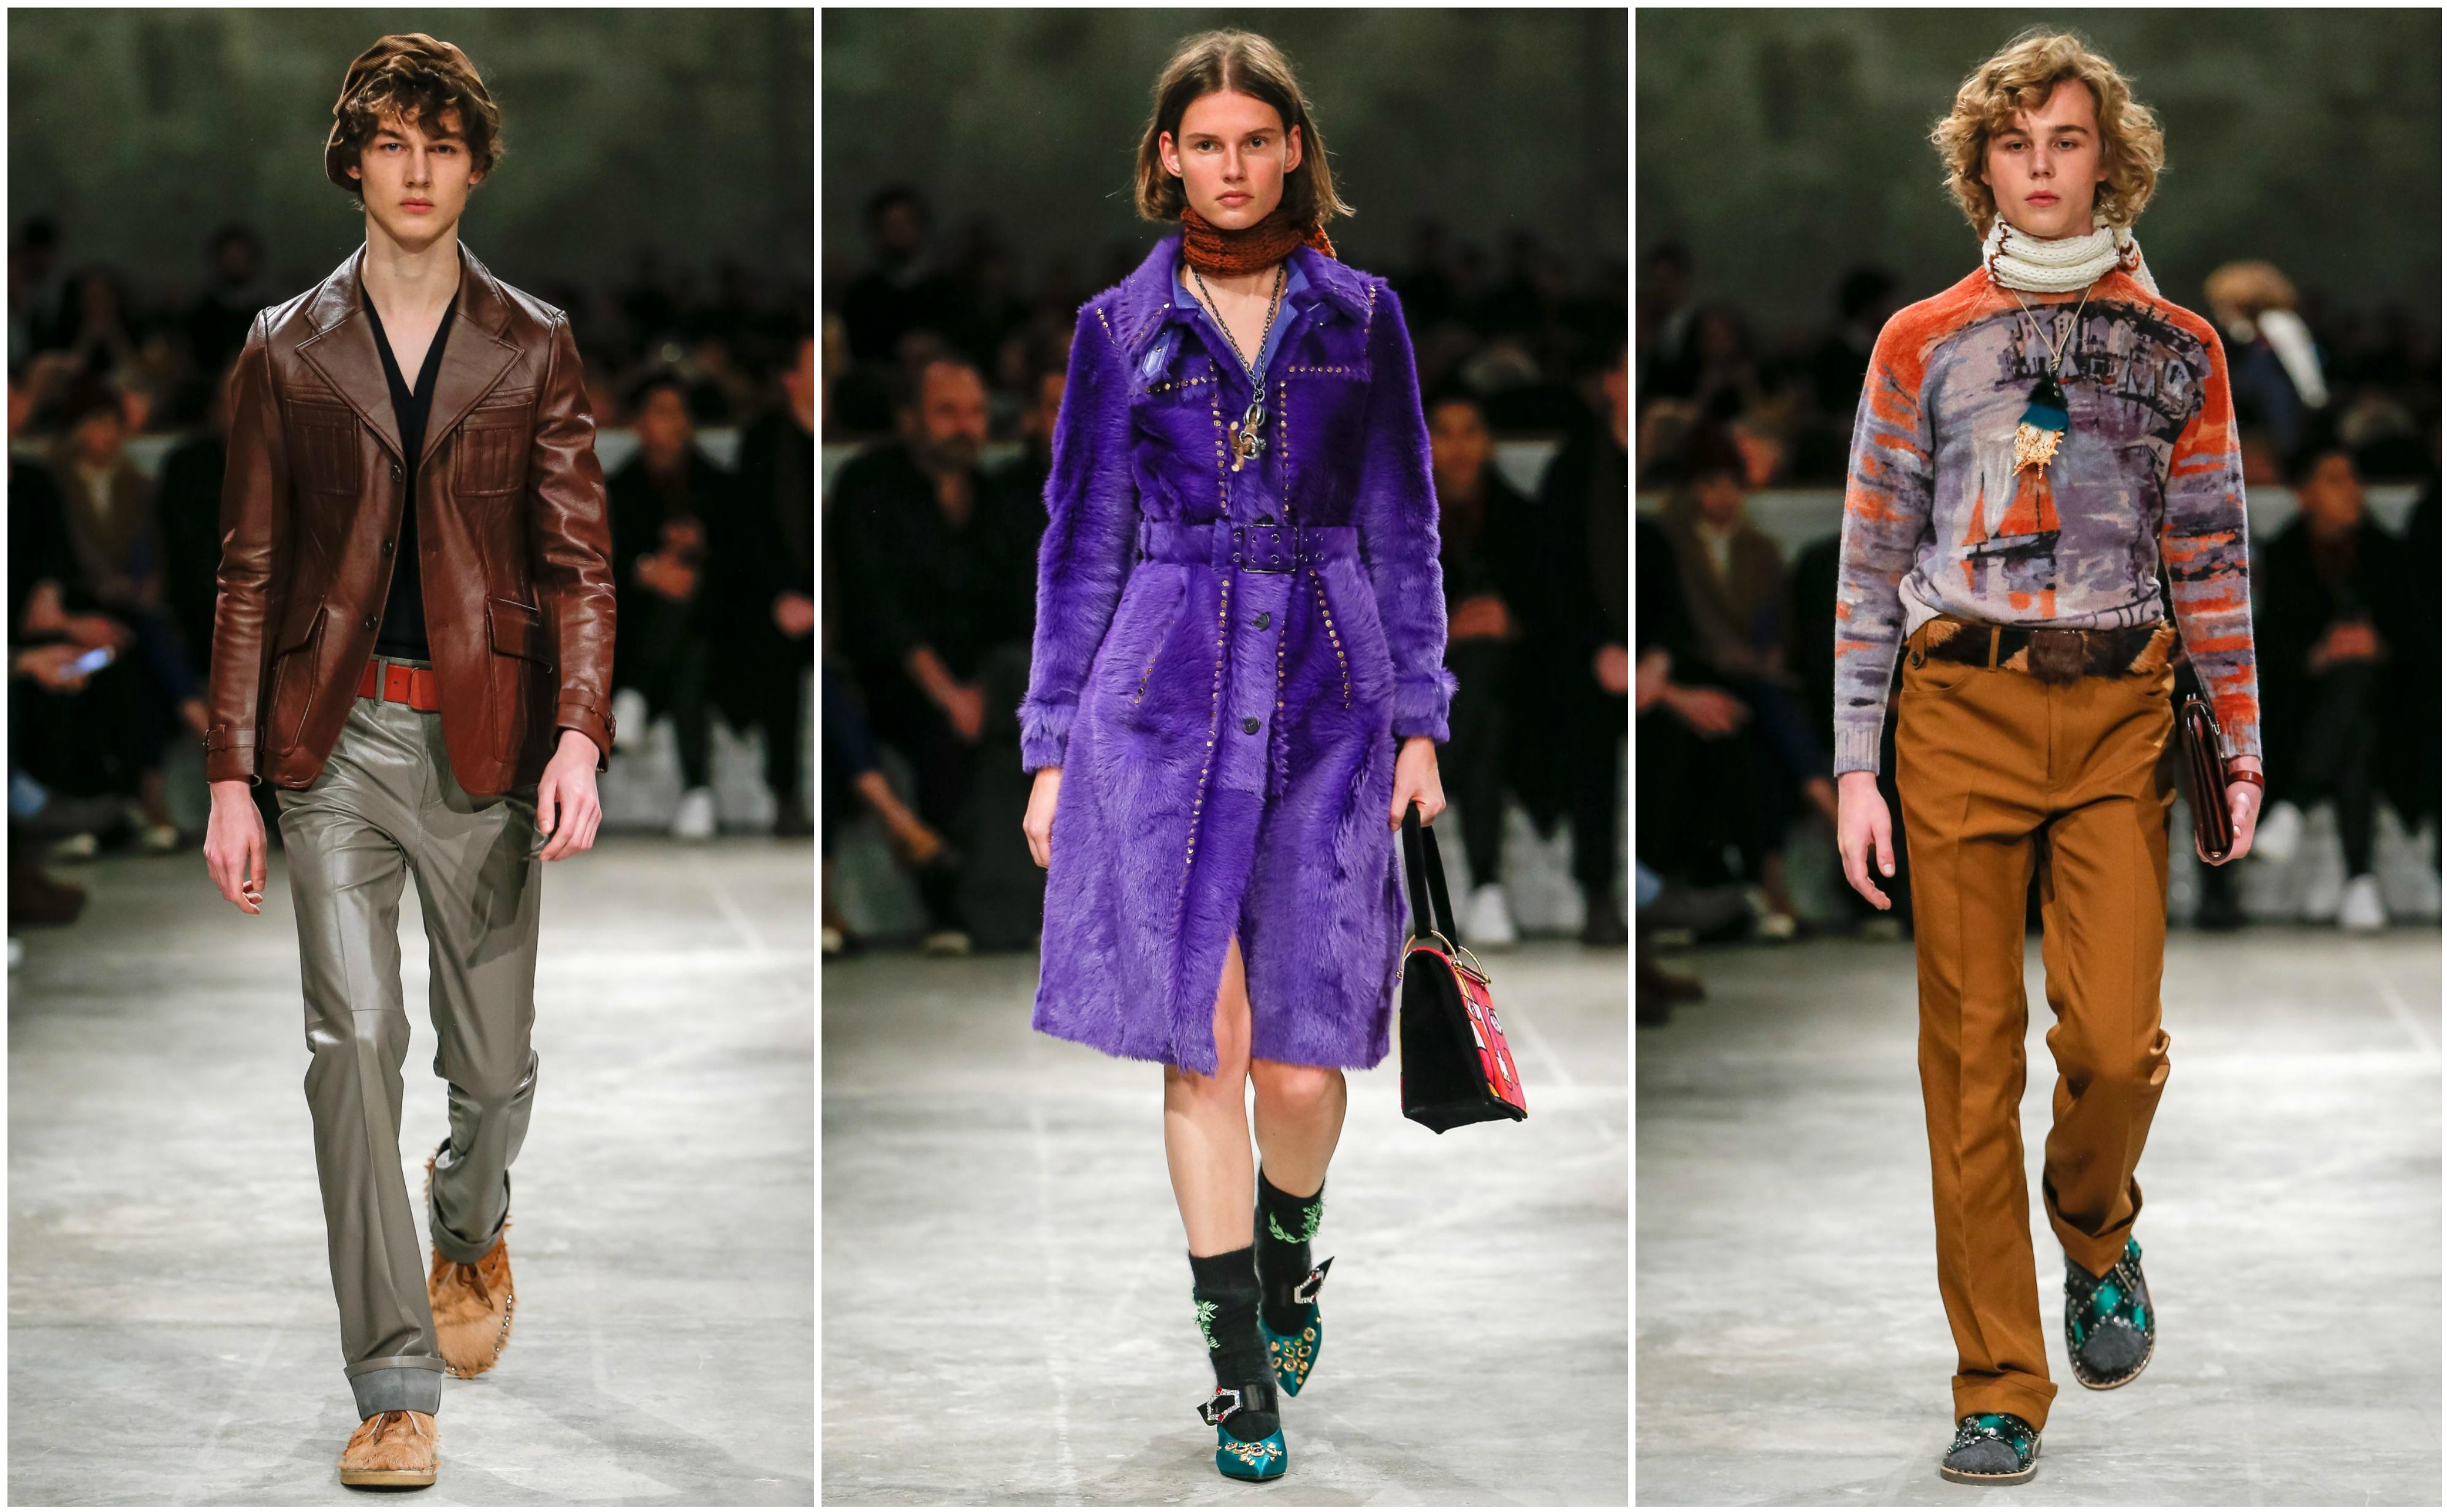 Fall milan mens fashion week recap photo